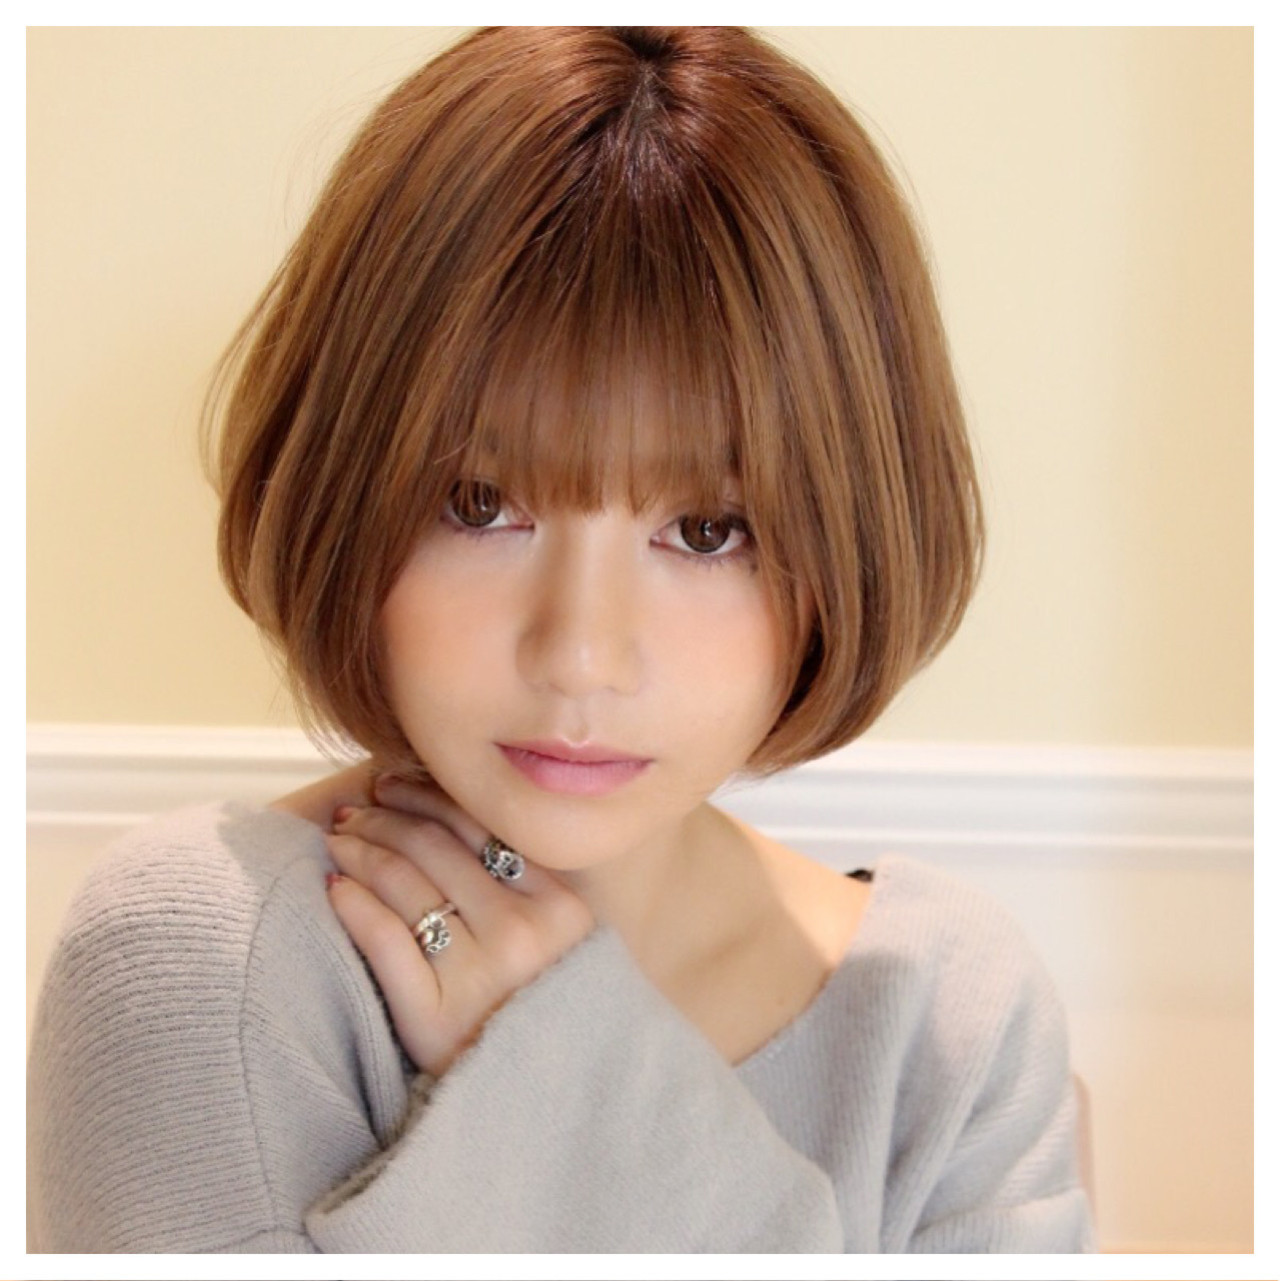 大人女子 こなれ感 ミルクティー アッシュ ヘアスタイルや髪型の写真・画像 | Masanori Yamasaki / Reuna(レウナ)